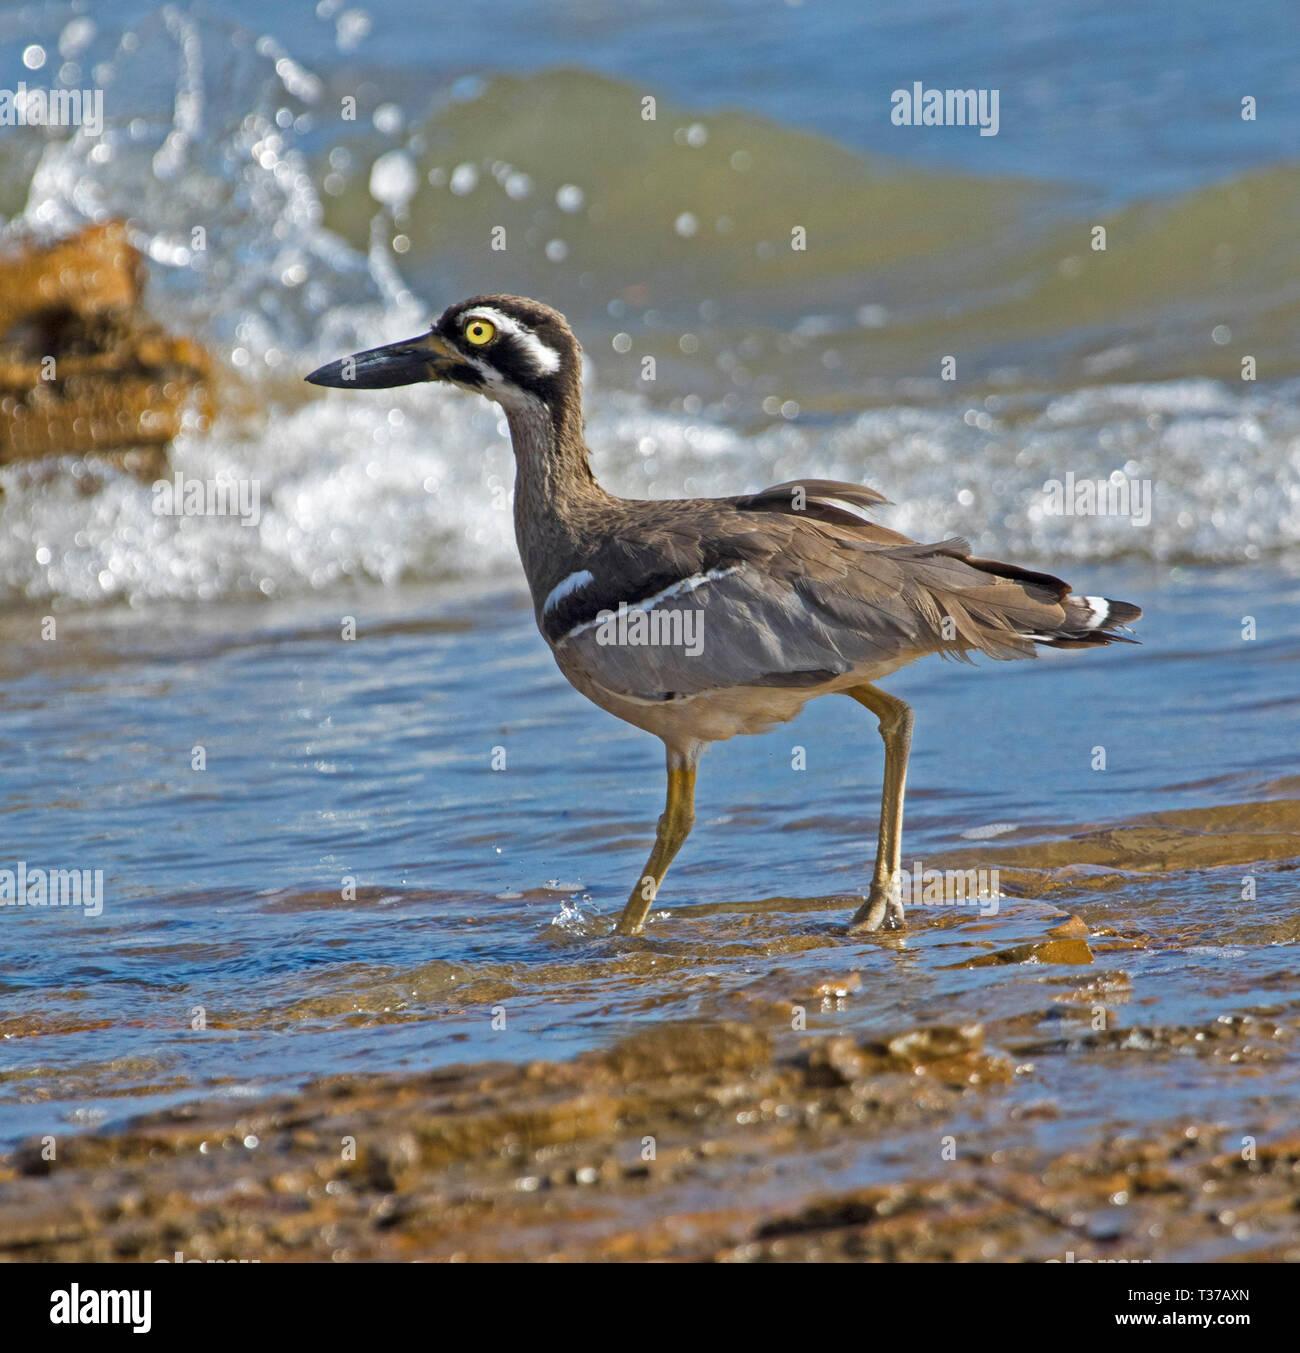 Hermosa y Playa inusual piedra-curlew / grueso-Rodilla, Esacus magnirostris, vadeando en el agua azul con olas salpica a playa en Qld Australia Foto de stock